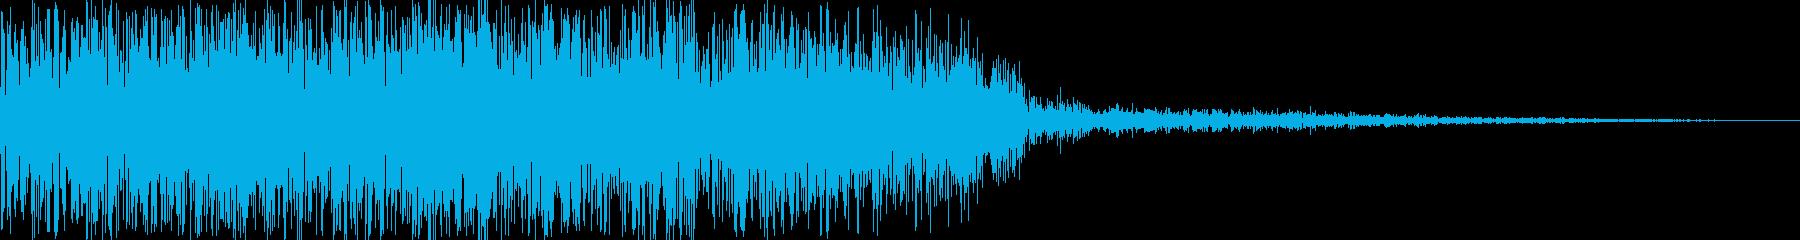 発射音です。(ドシューン)の再生済みの波形